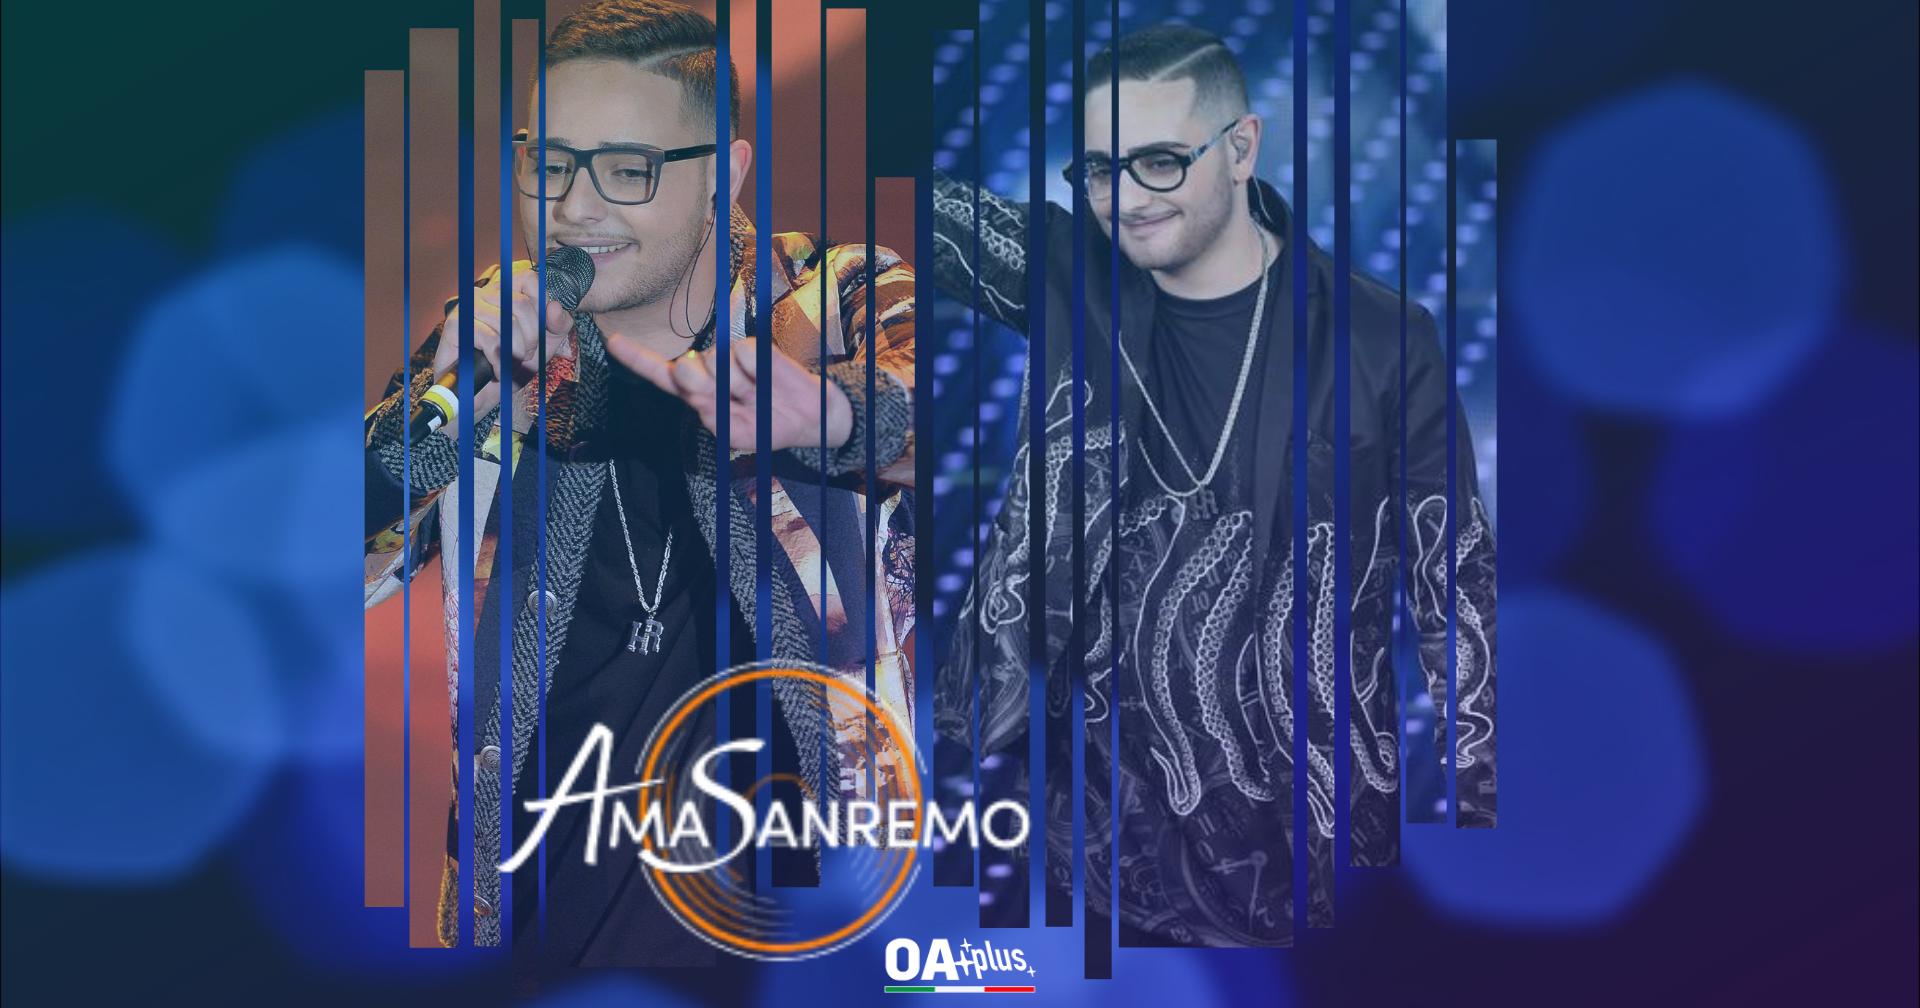 AmaSanremo: è Rocco Hunt l'ospite musicale della seconda puntata